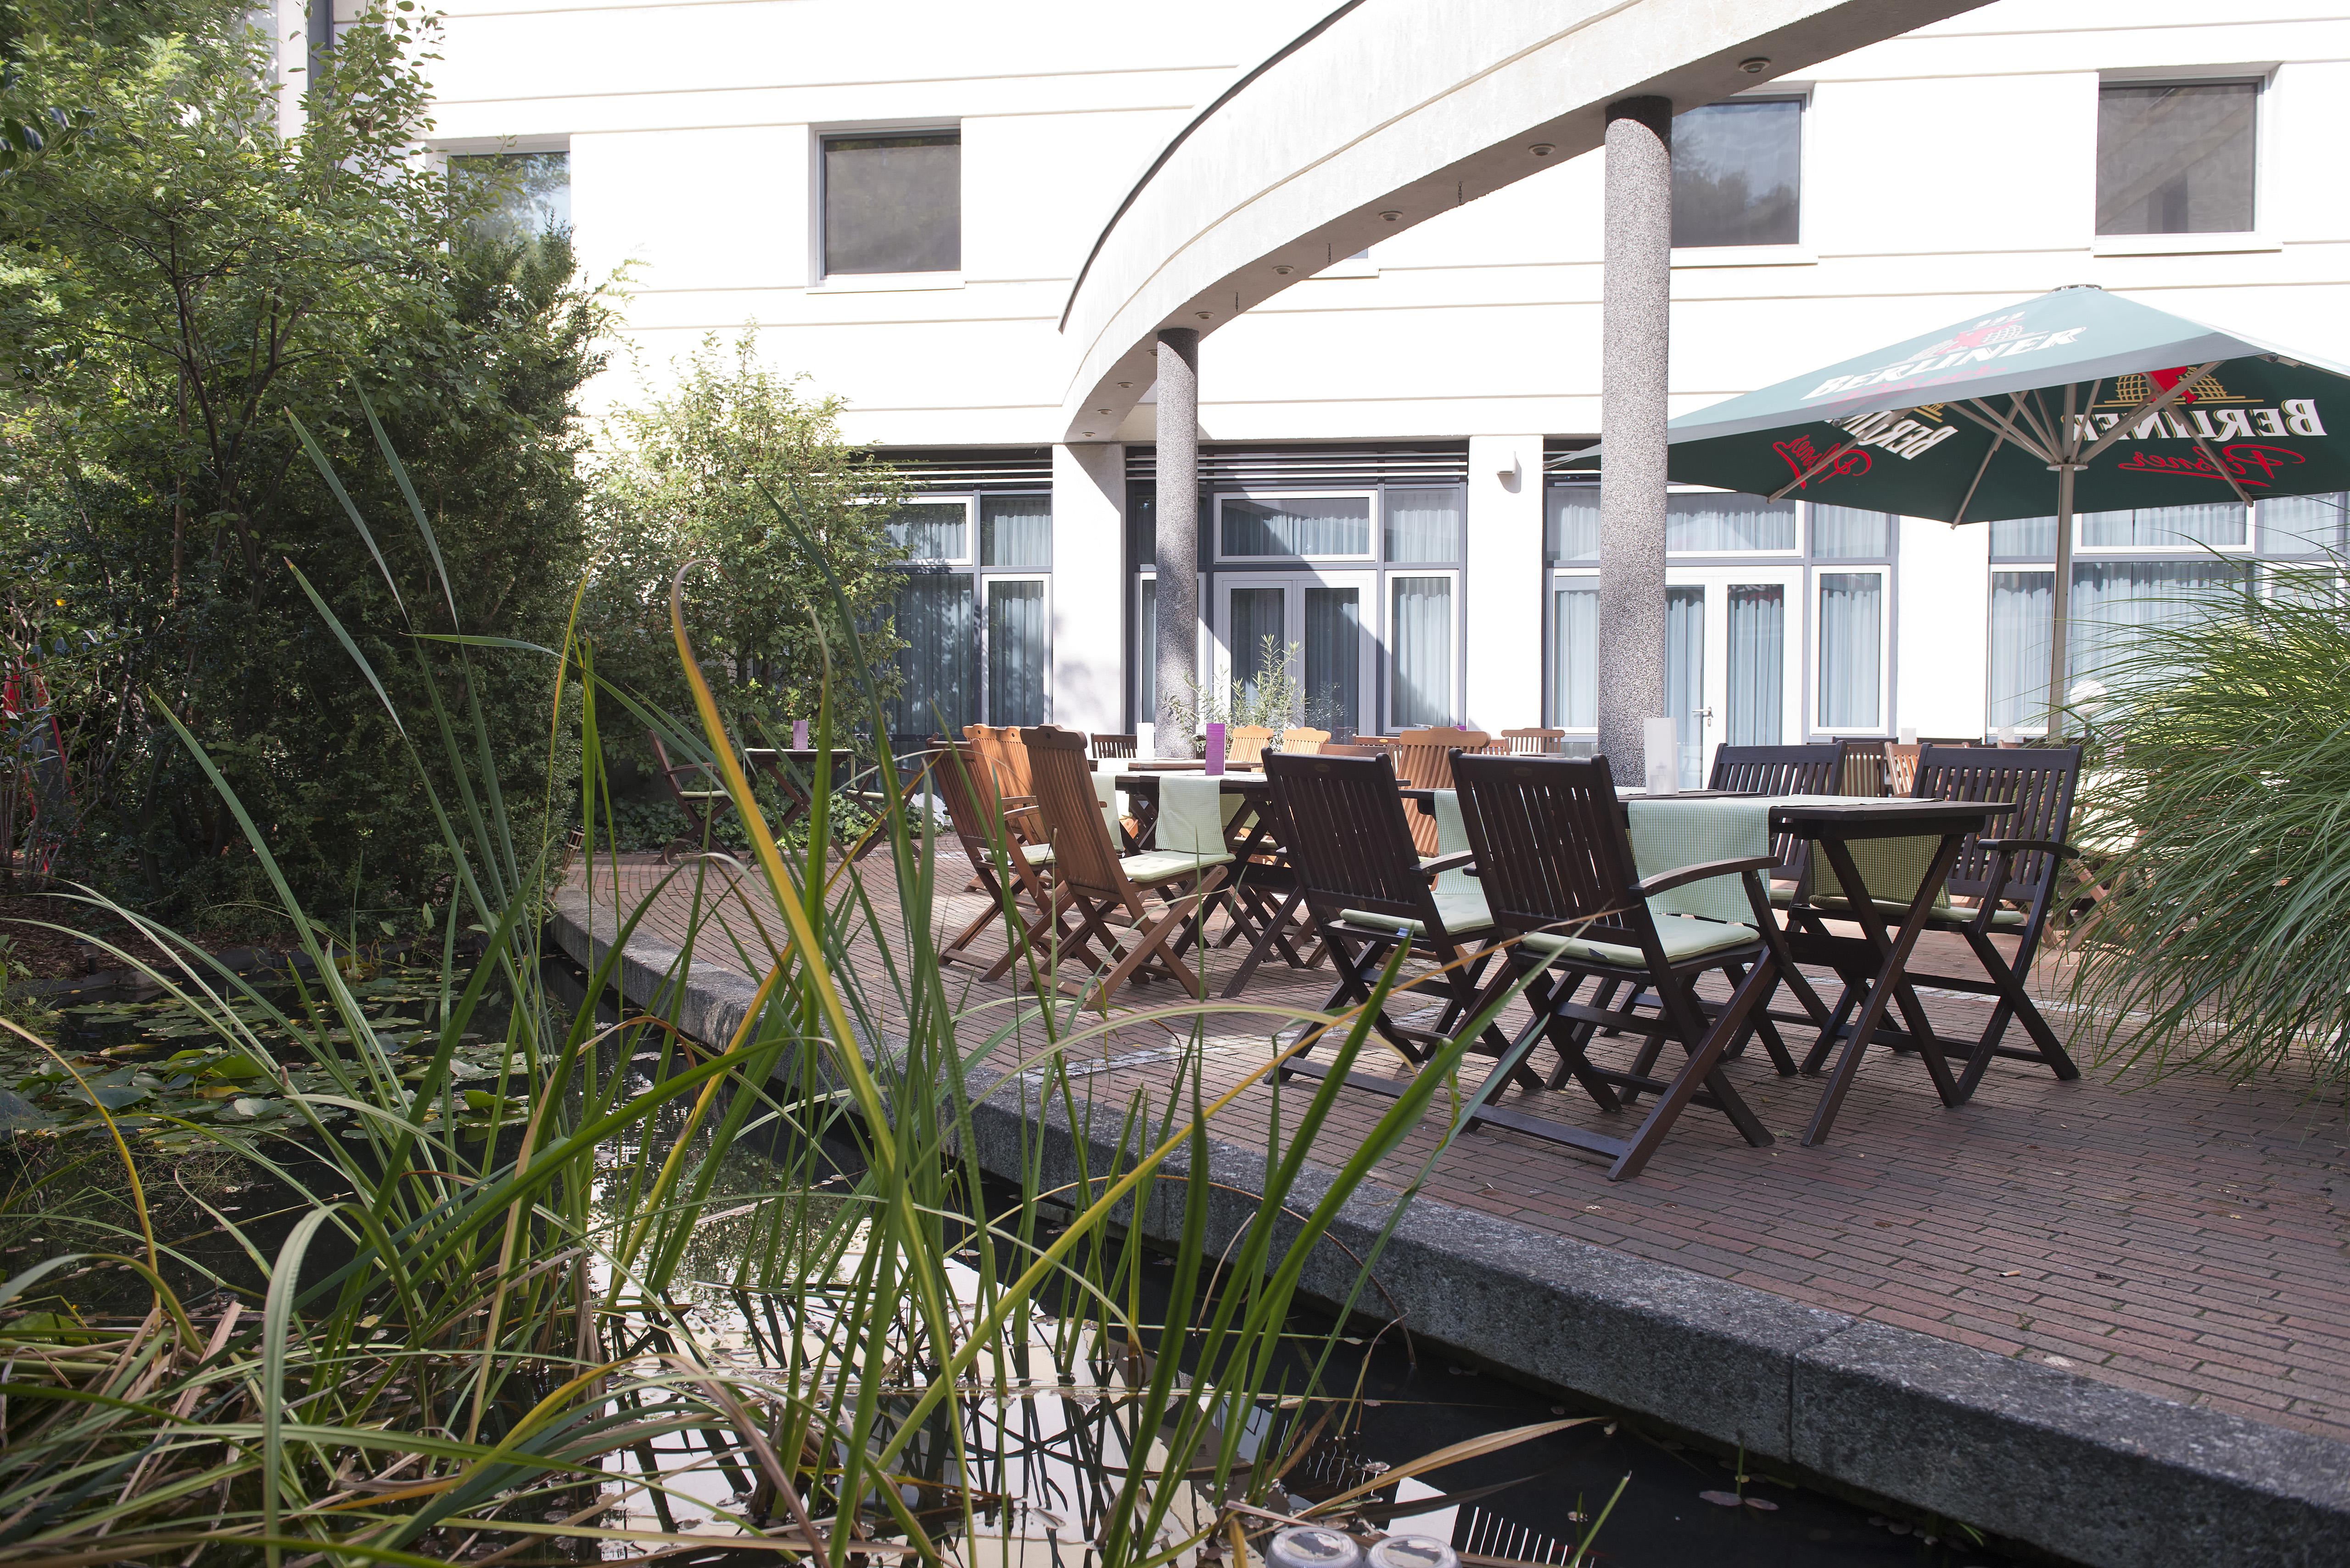 Garten terrasse  Wyndham Garden Hotel Berlin Hennigsdorf - Restaurant & Bar